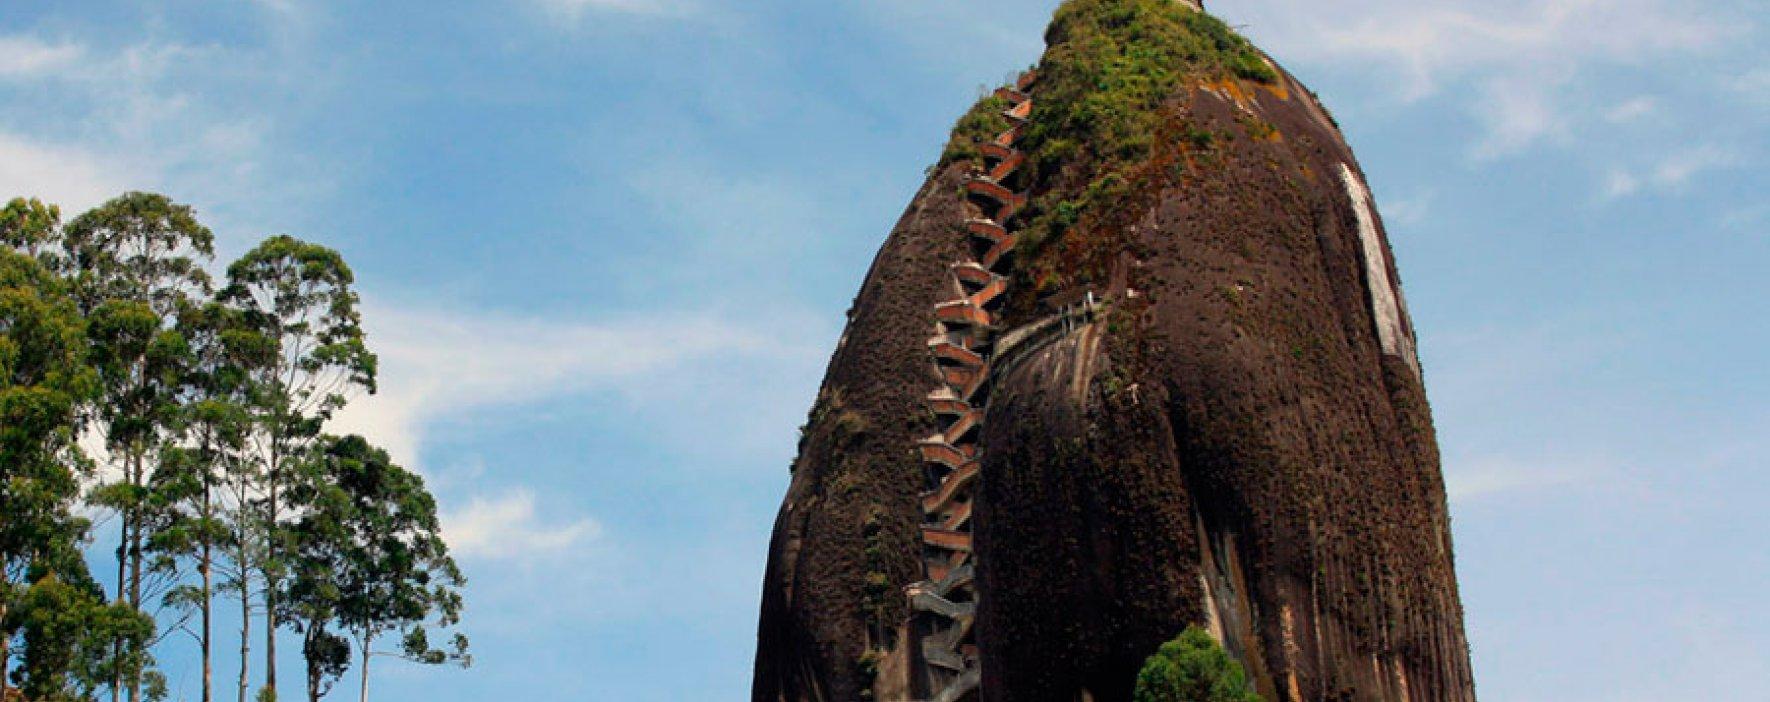 Con acuerdo de paz, Colombia se convertirá en 'meca' del ecoturismo: National Geographic